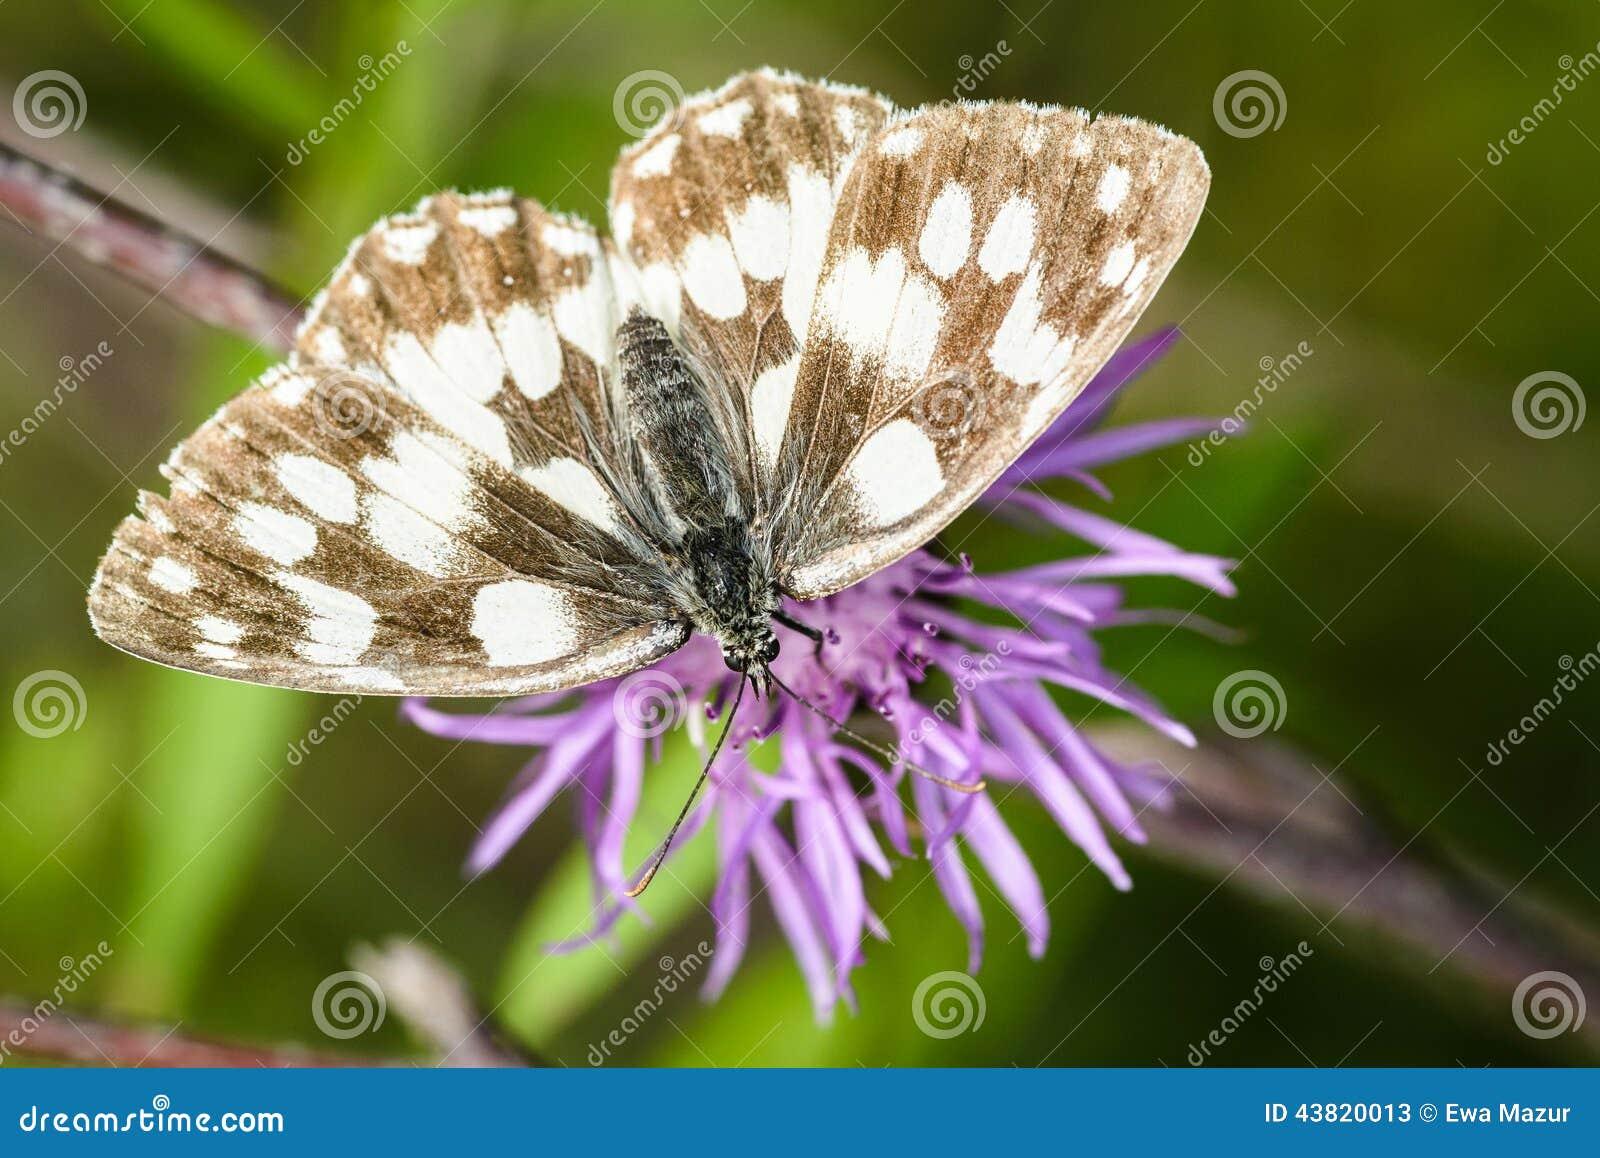 黑矢车菊属花矢车菊scabiosa的使有大理石花纹的白色蝴蝶melanargia g